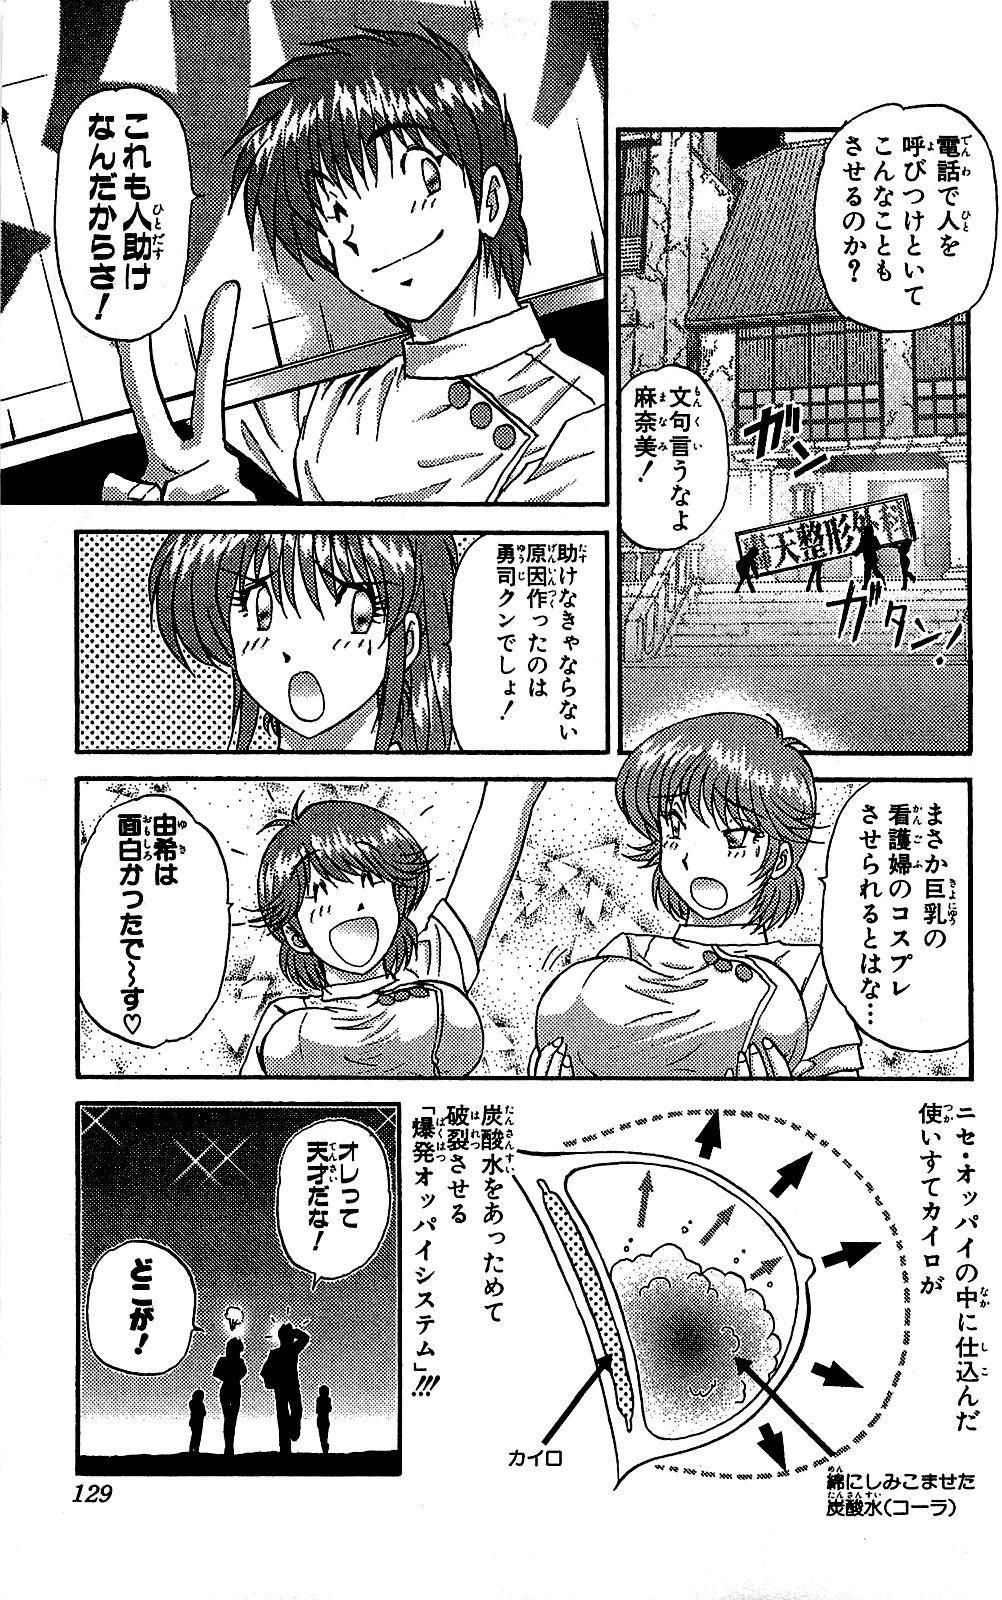 Miracle Make Yuuji 129